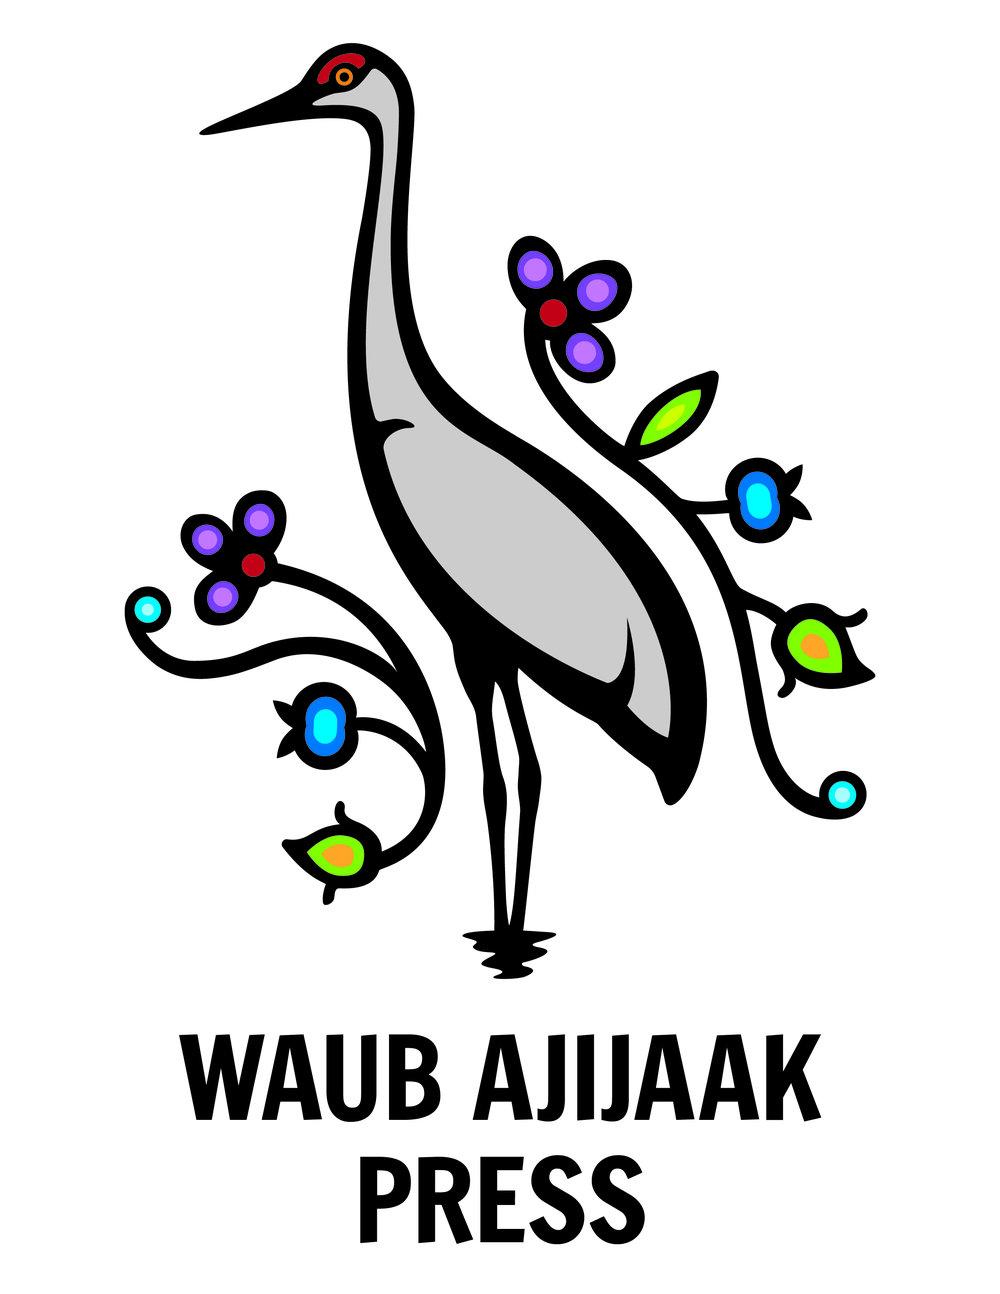 waub_ajijaak_logo_new-01.jpg